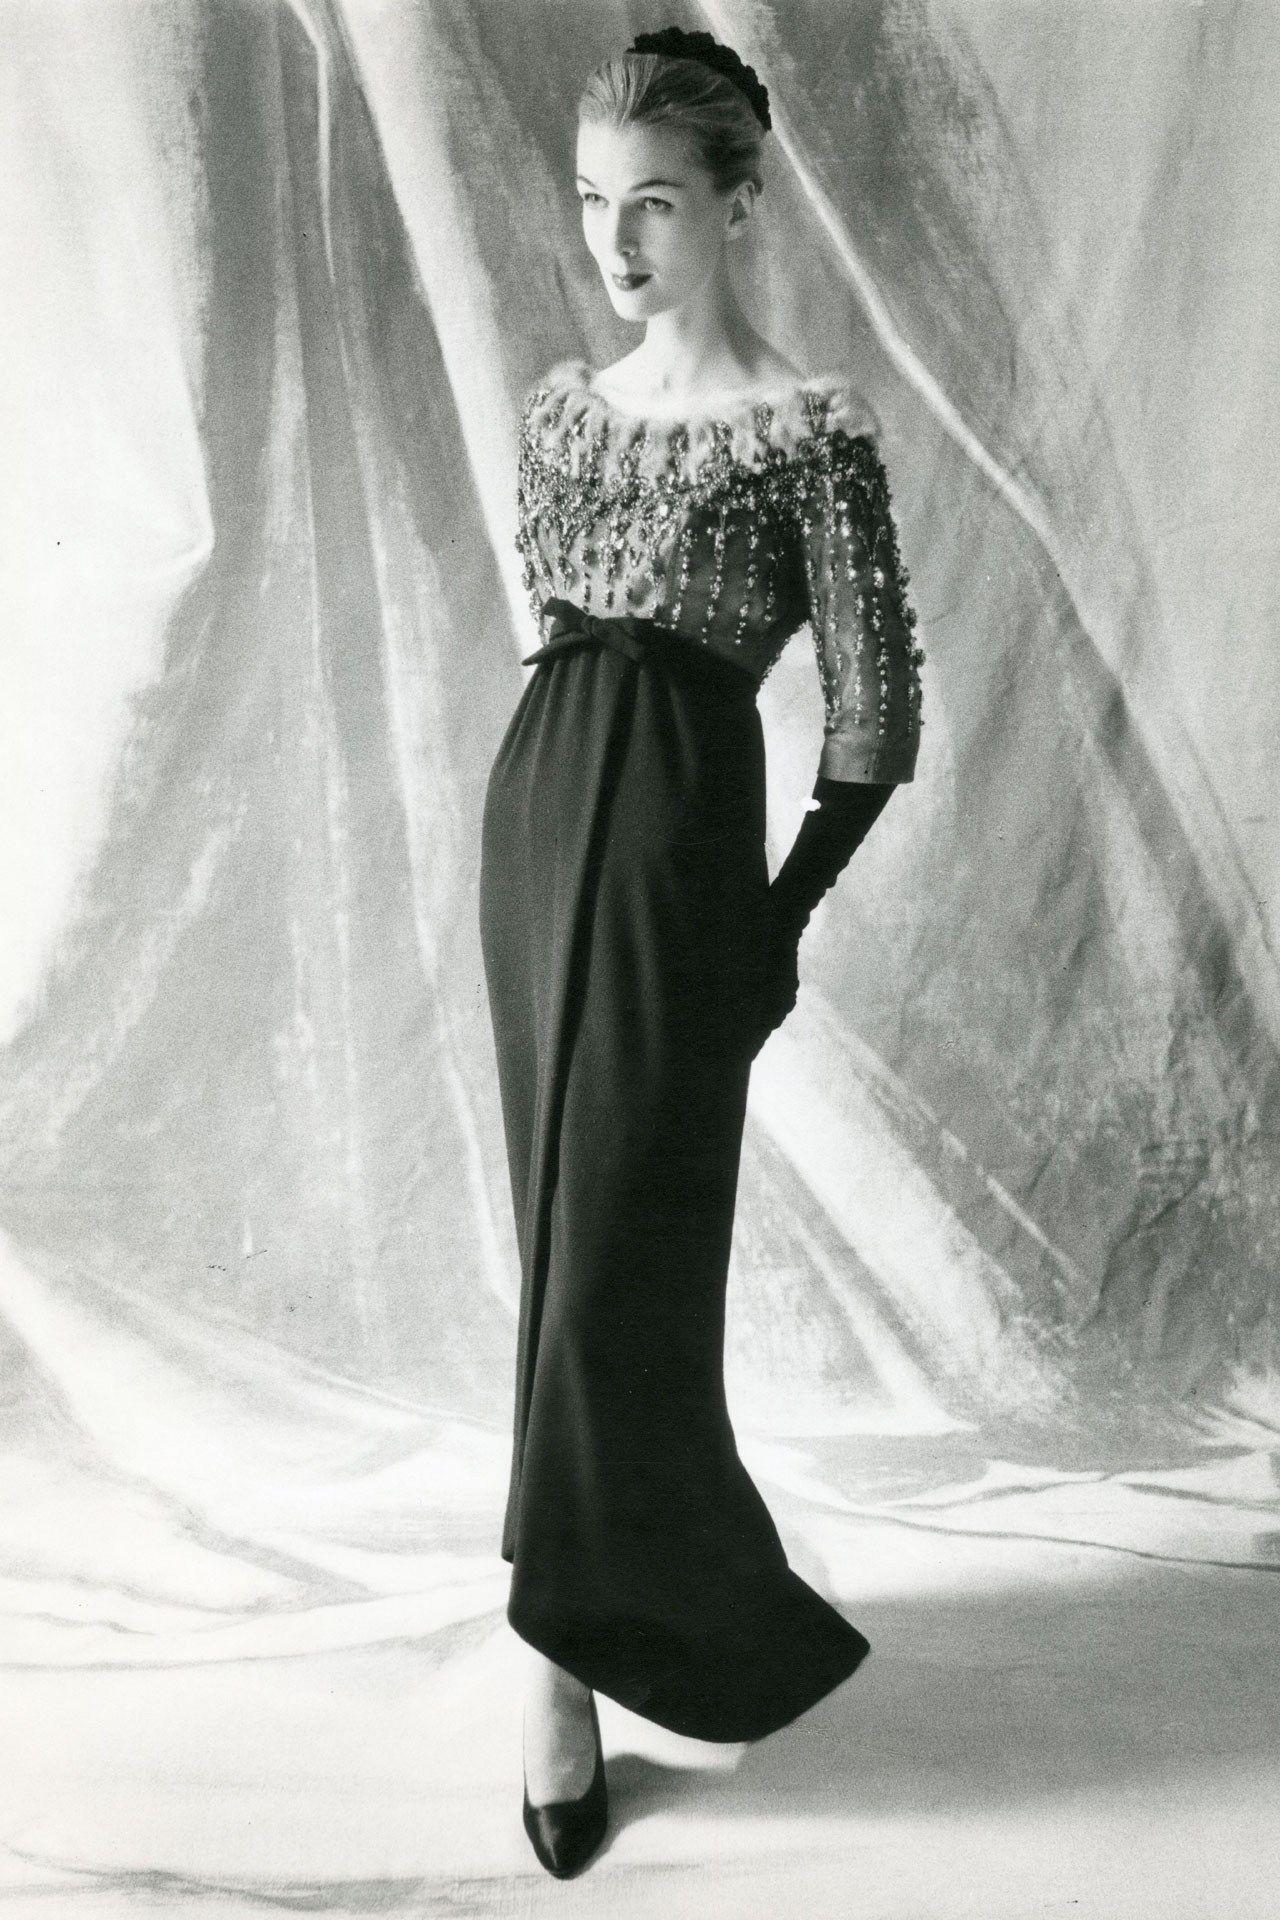 Balenciaga empire dress, 1959 (Photo credit: Balenciaga Archives Paris)